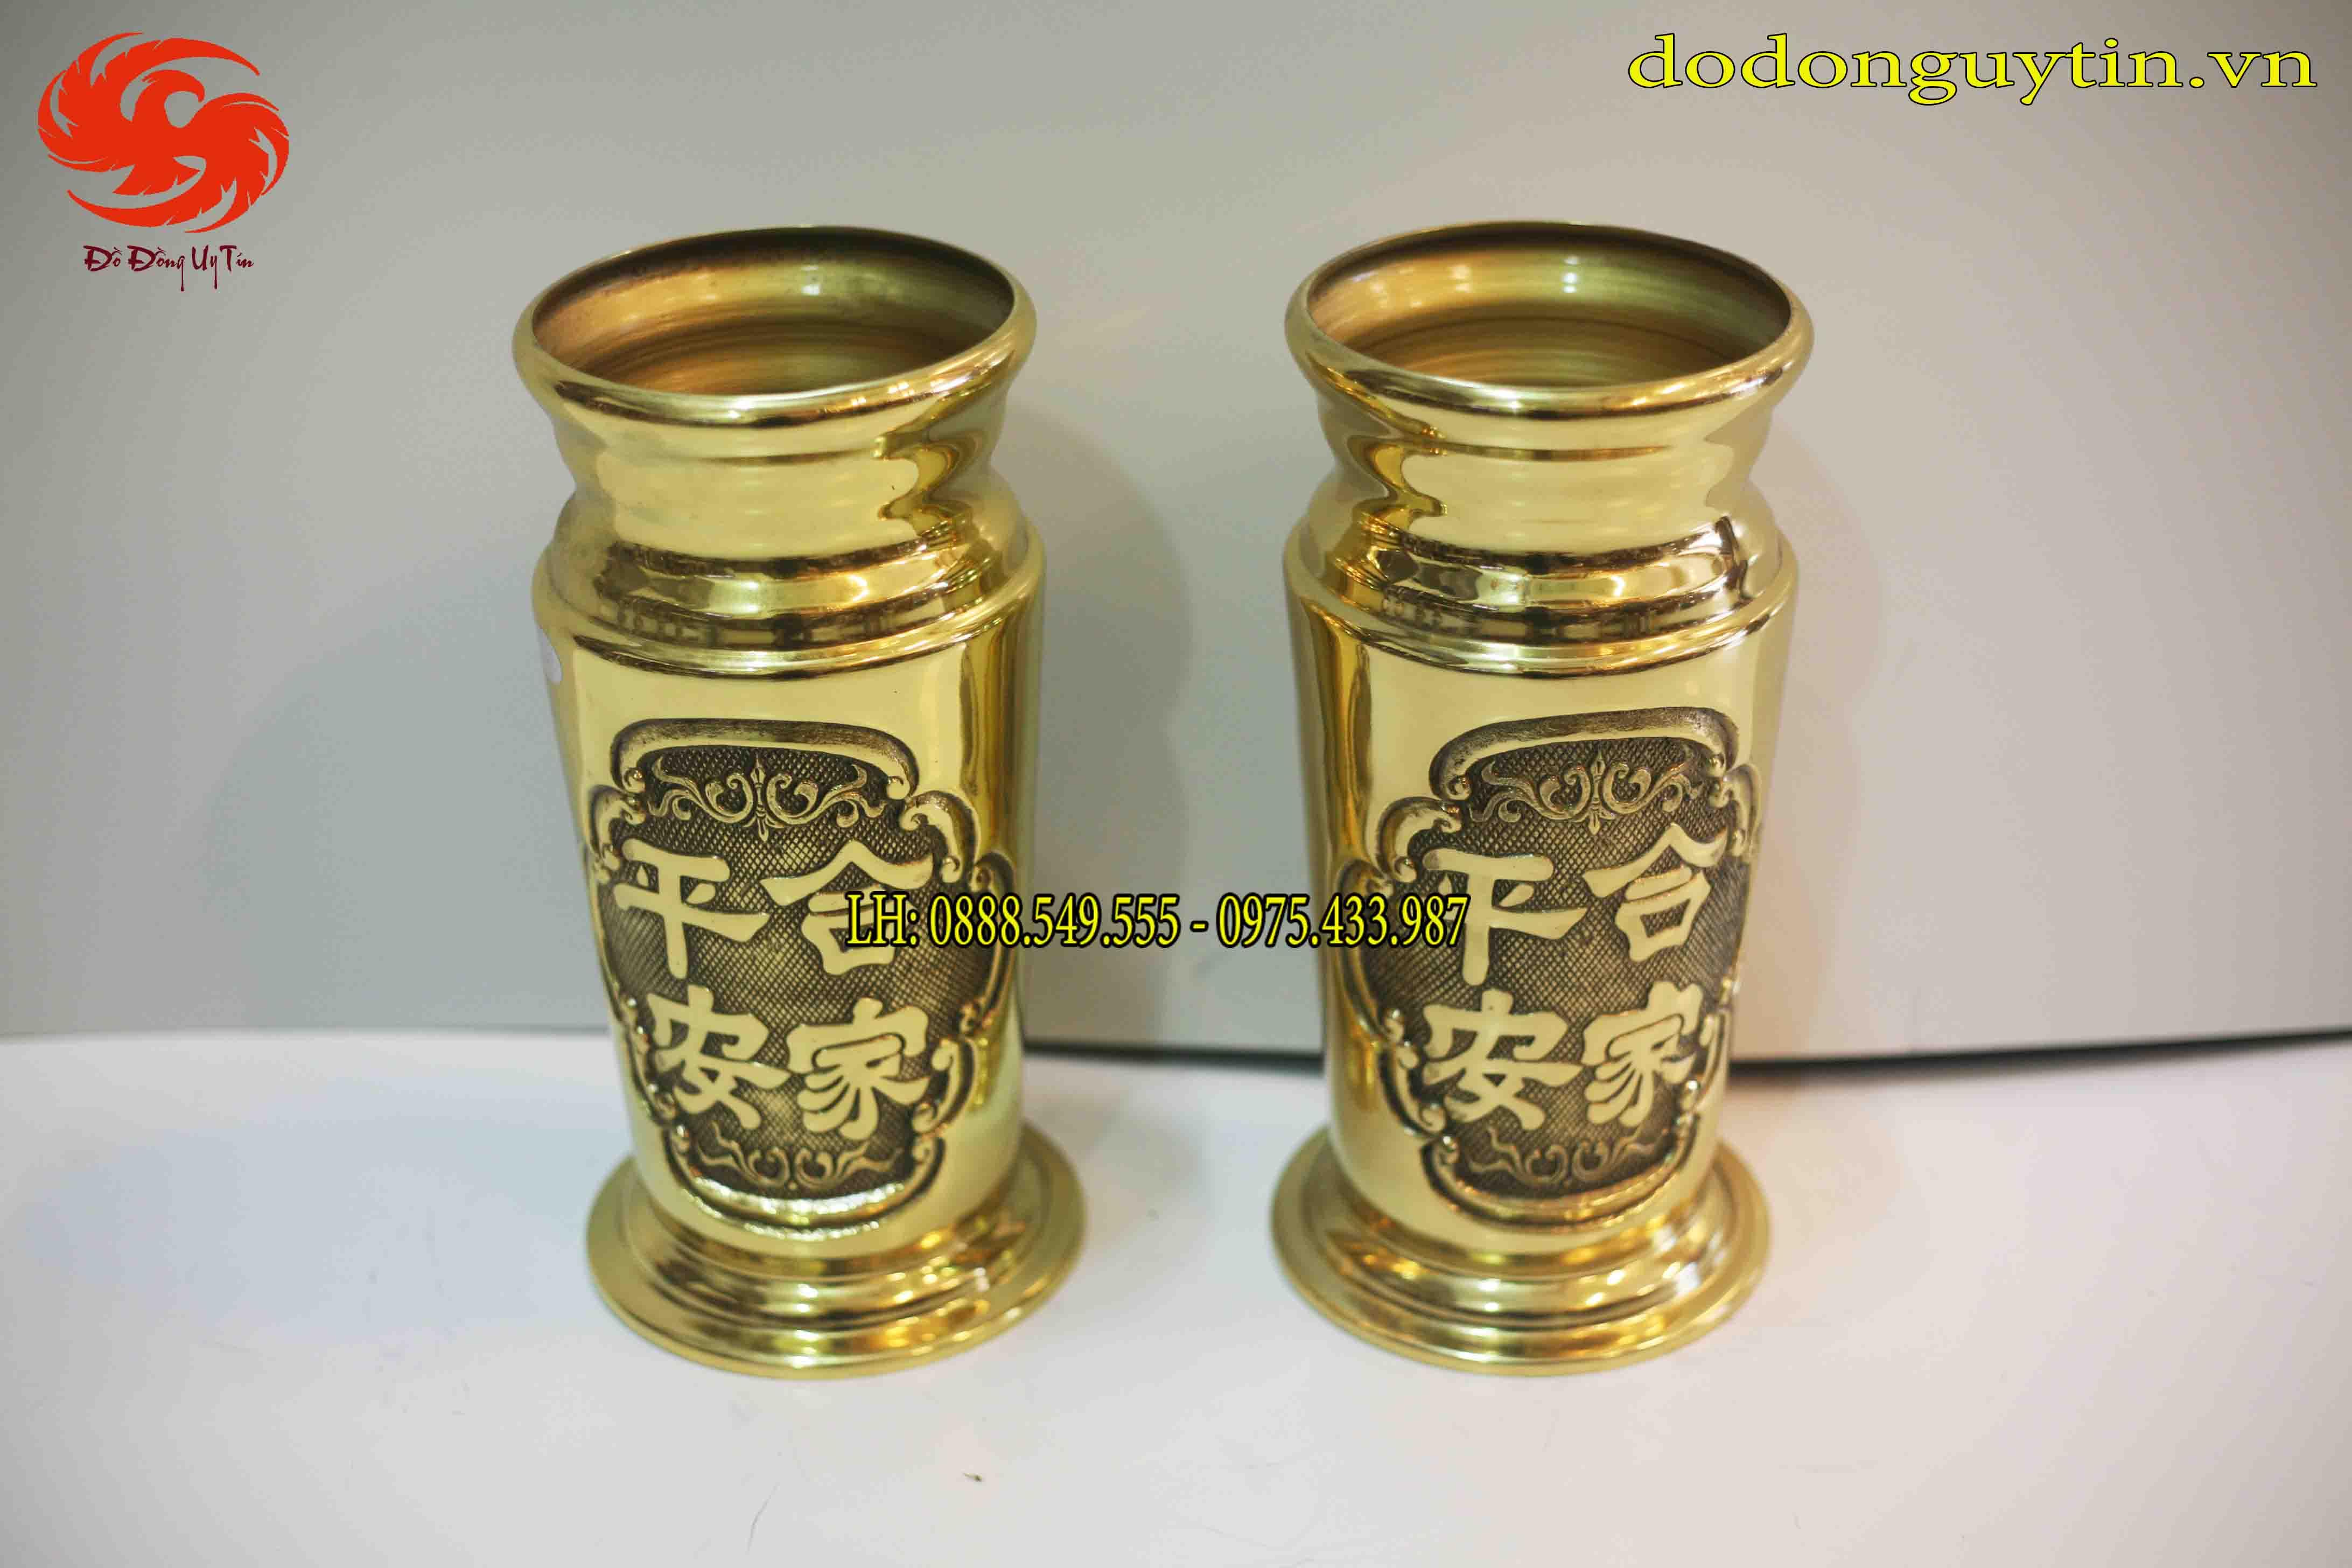 Đôi ống hương bằng đồng hợp gia bình an cao 30 cm